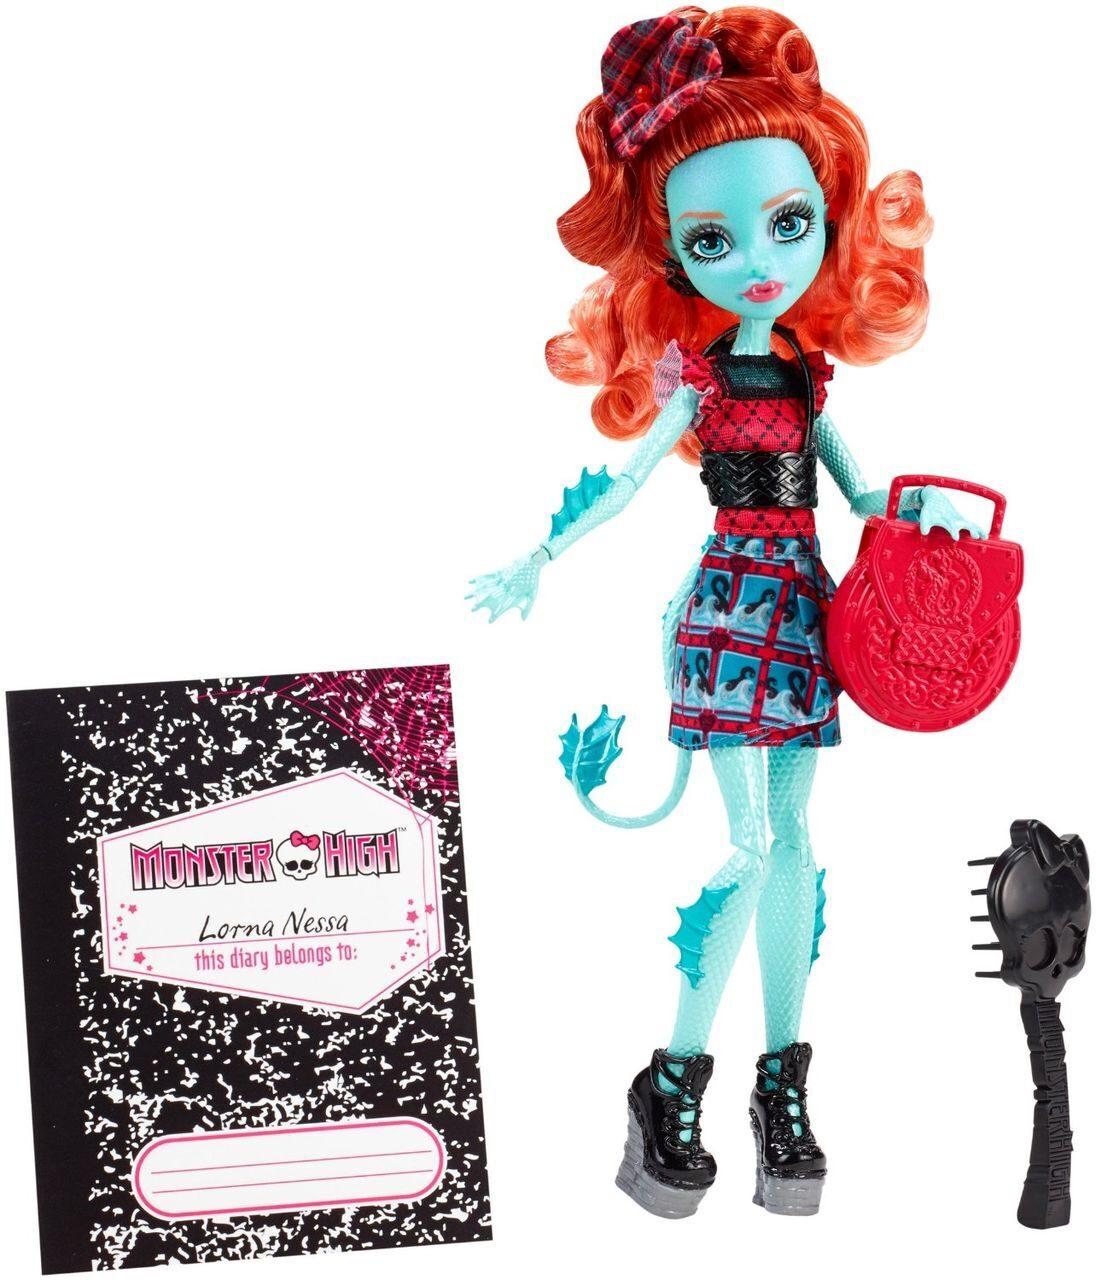 термобелья купить куклу монстер хай недорого оригинальную в спб Sivera